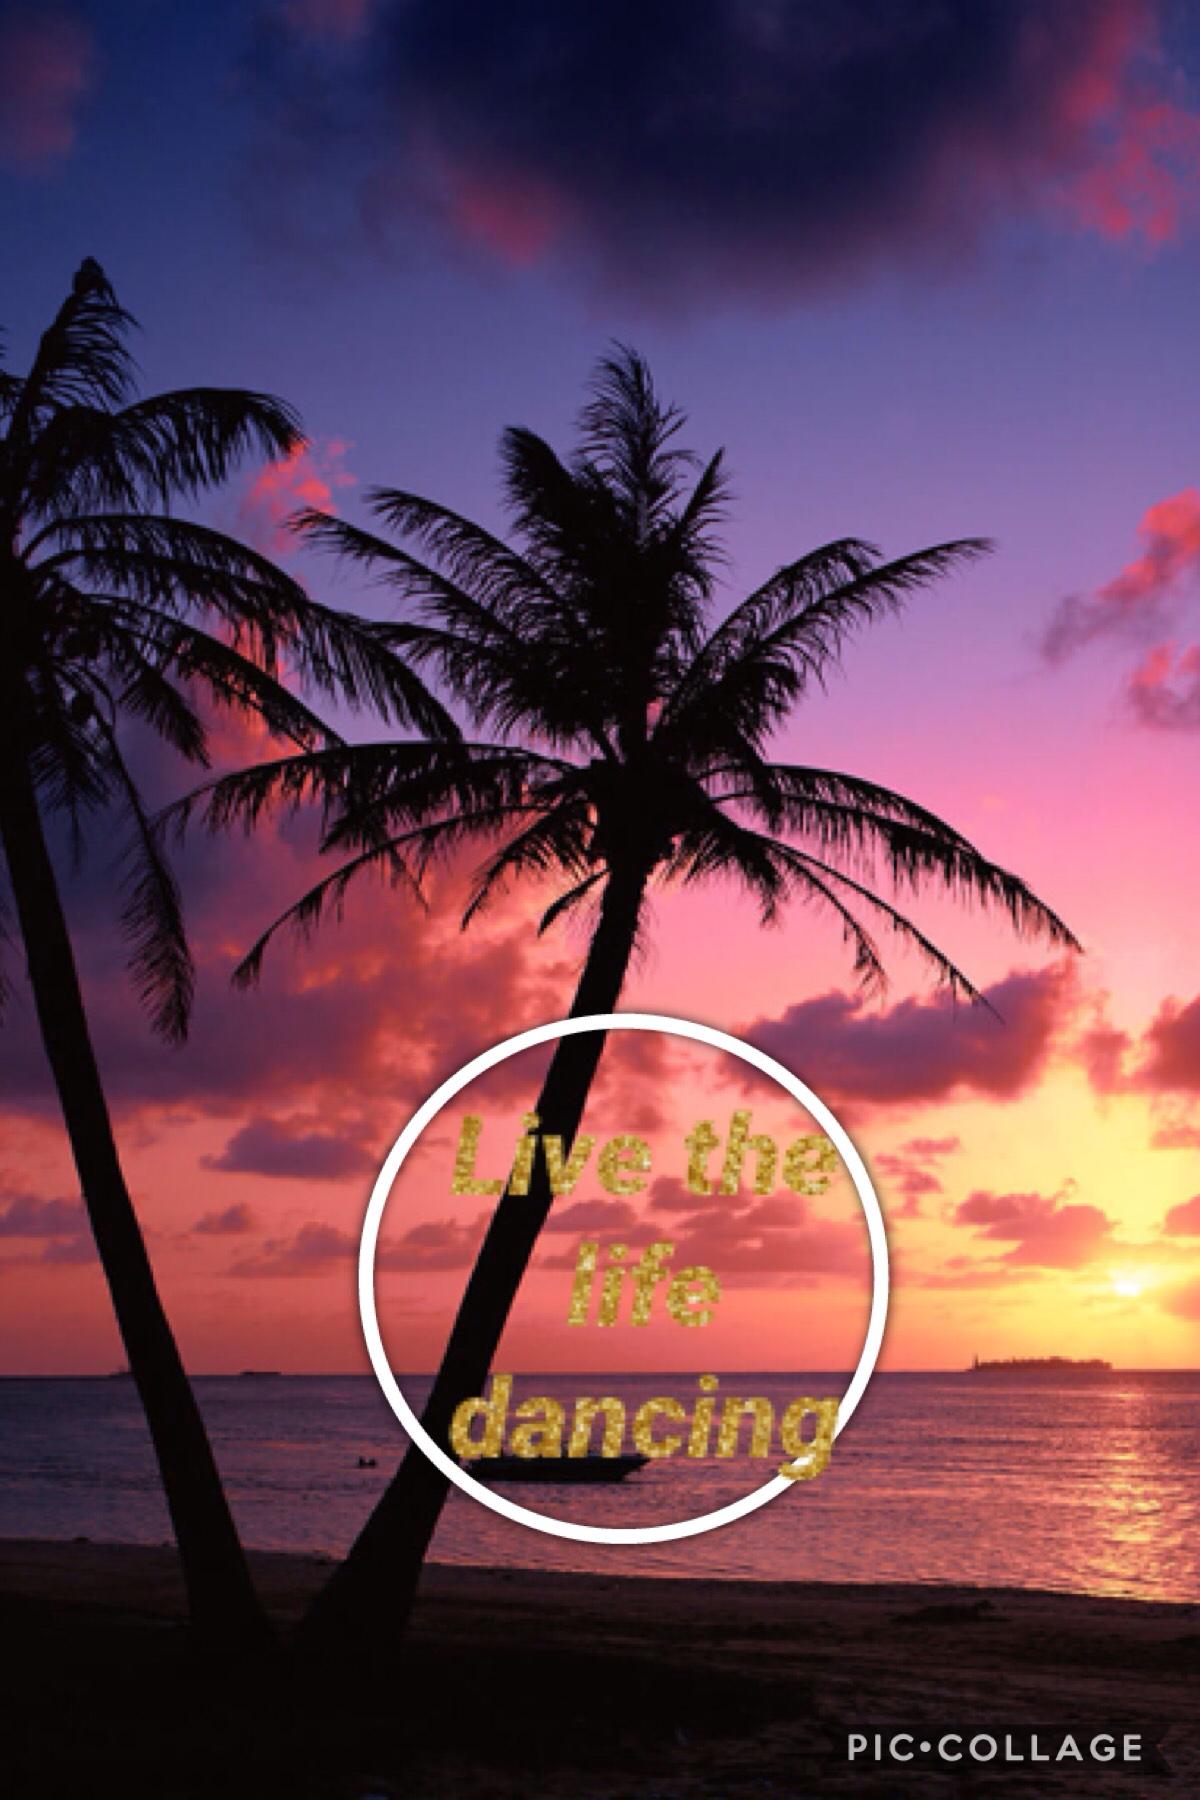 I LOVE DANCE 😘